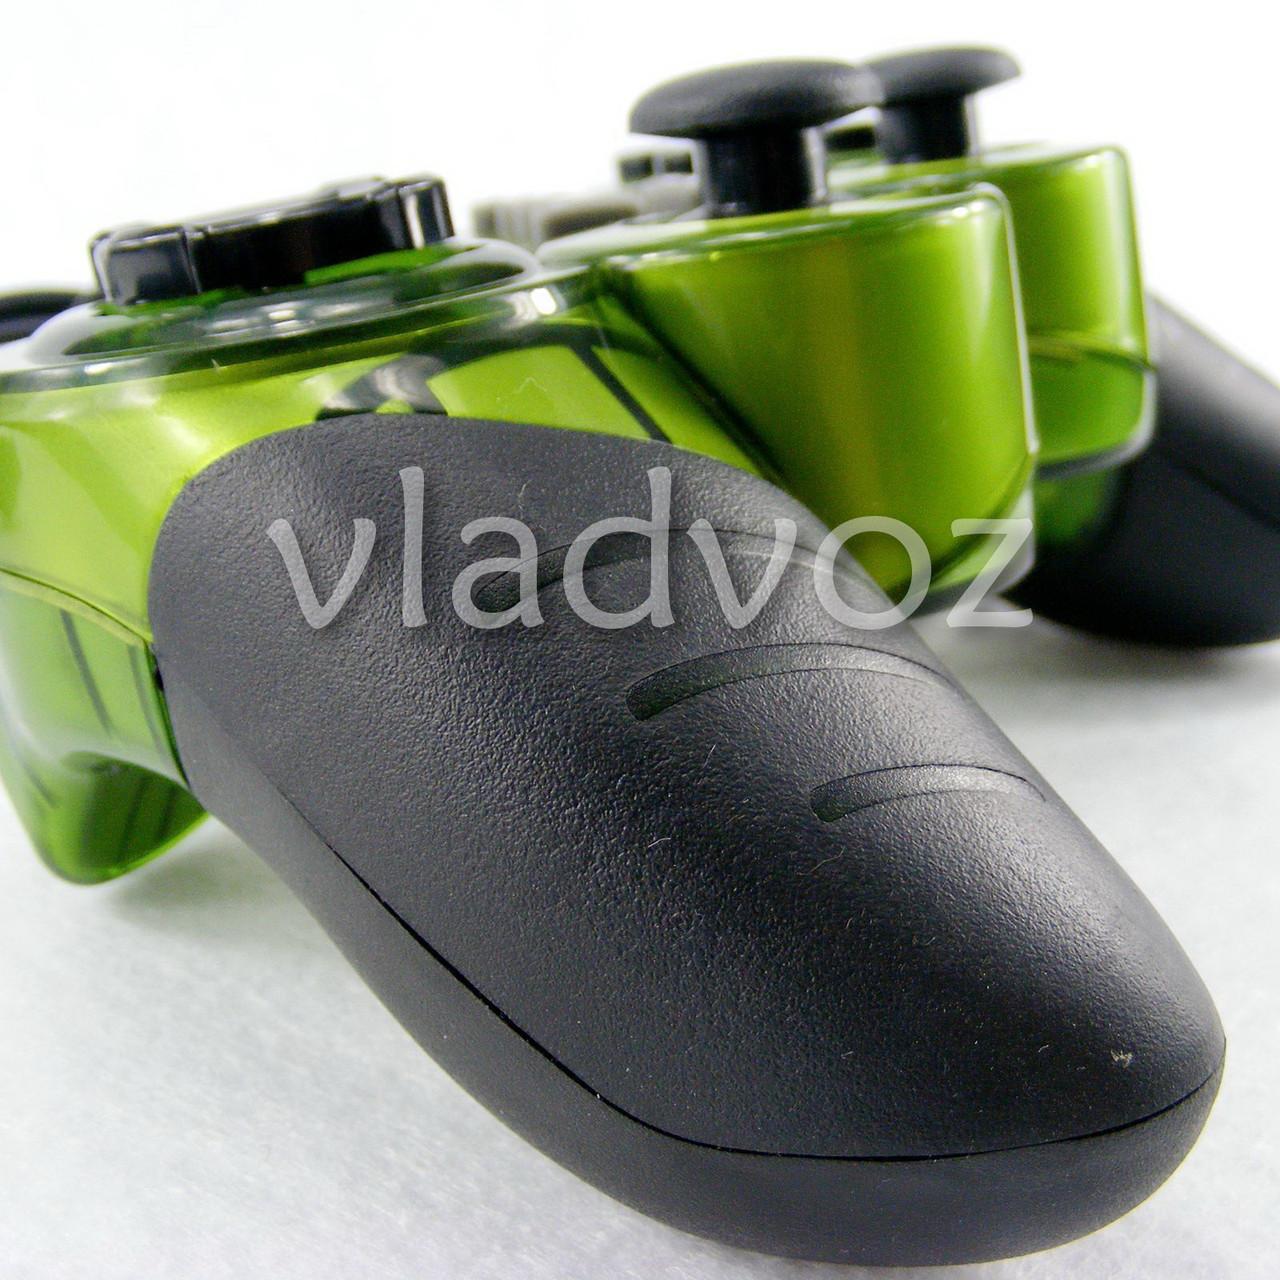 джойстик для пк геймпад 998 зелёный вид сбоку